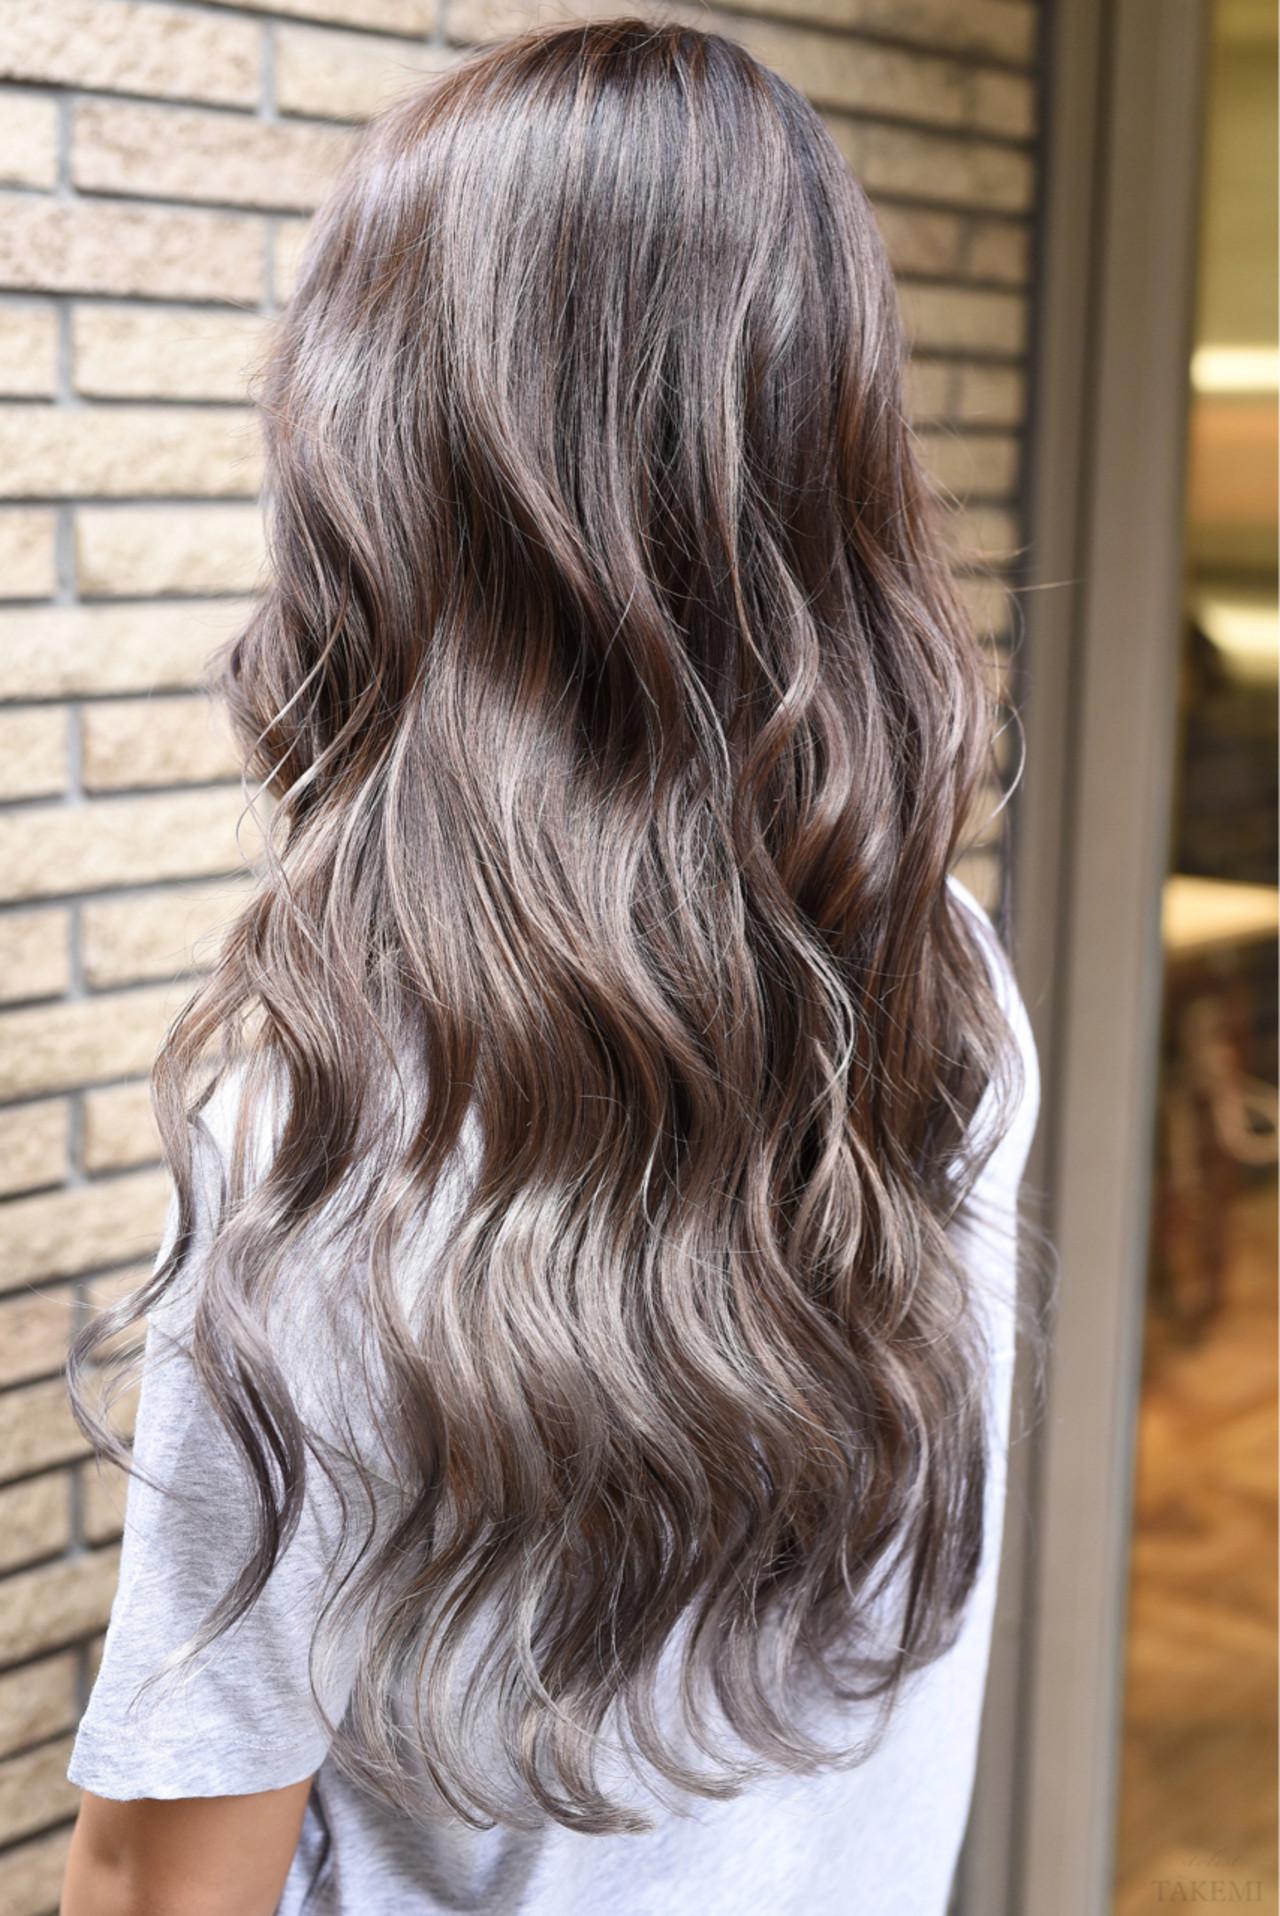 ガーリー ダブルカラー ロング 外国人風カラー ヘアスタイルや髪型の写真・画像 | TAKEMI / BEBE 表参道